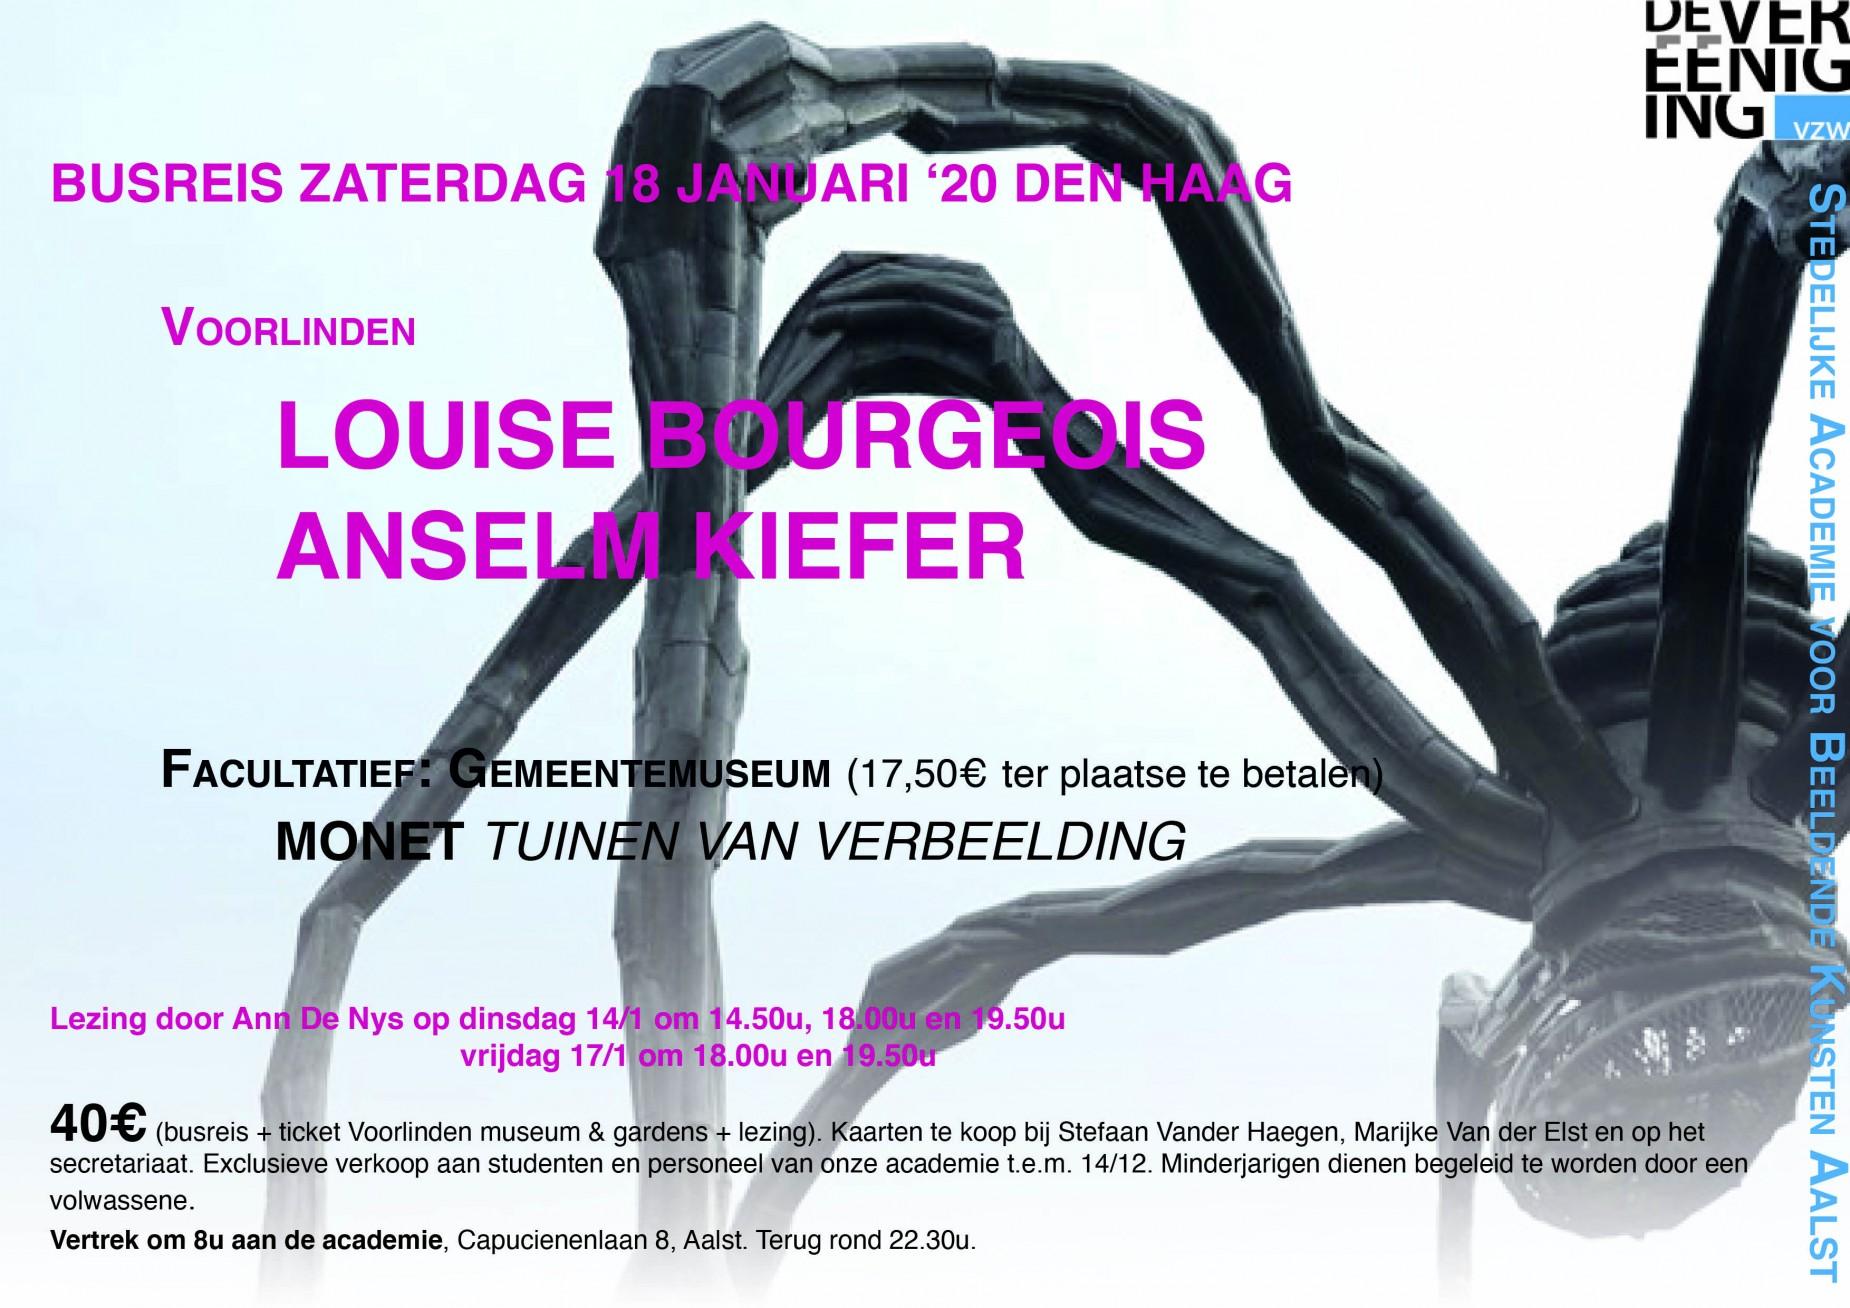 Busreis zaterdag 18 januari '20 Den Haag / Louise Bourgeois / Anselm Kiefer